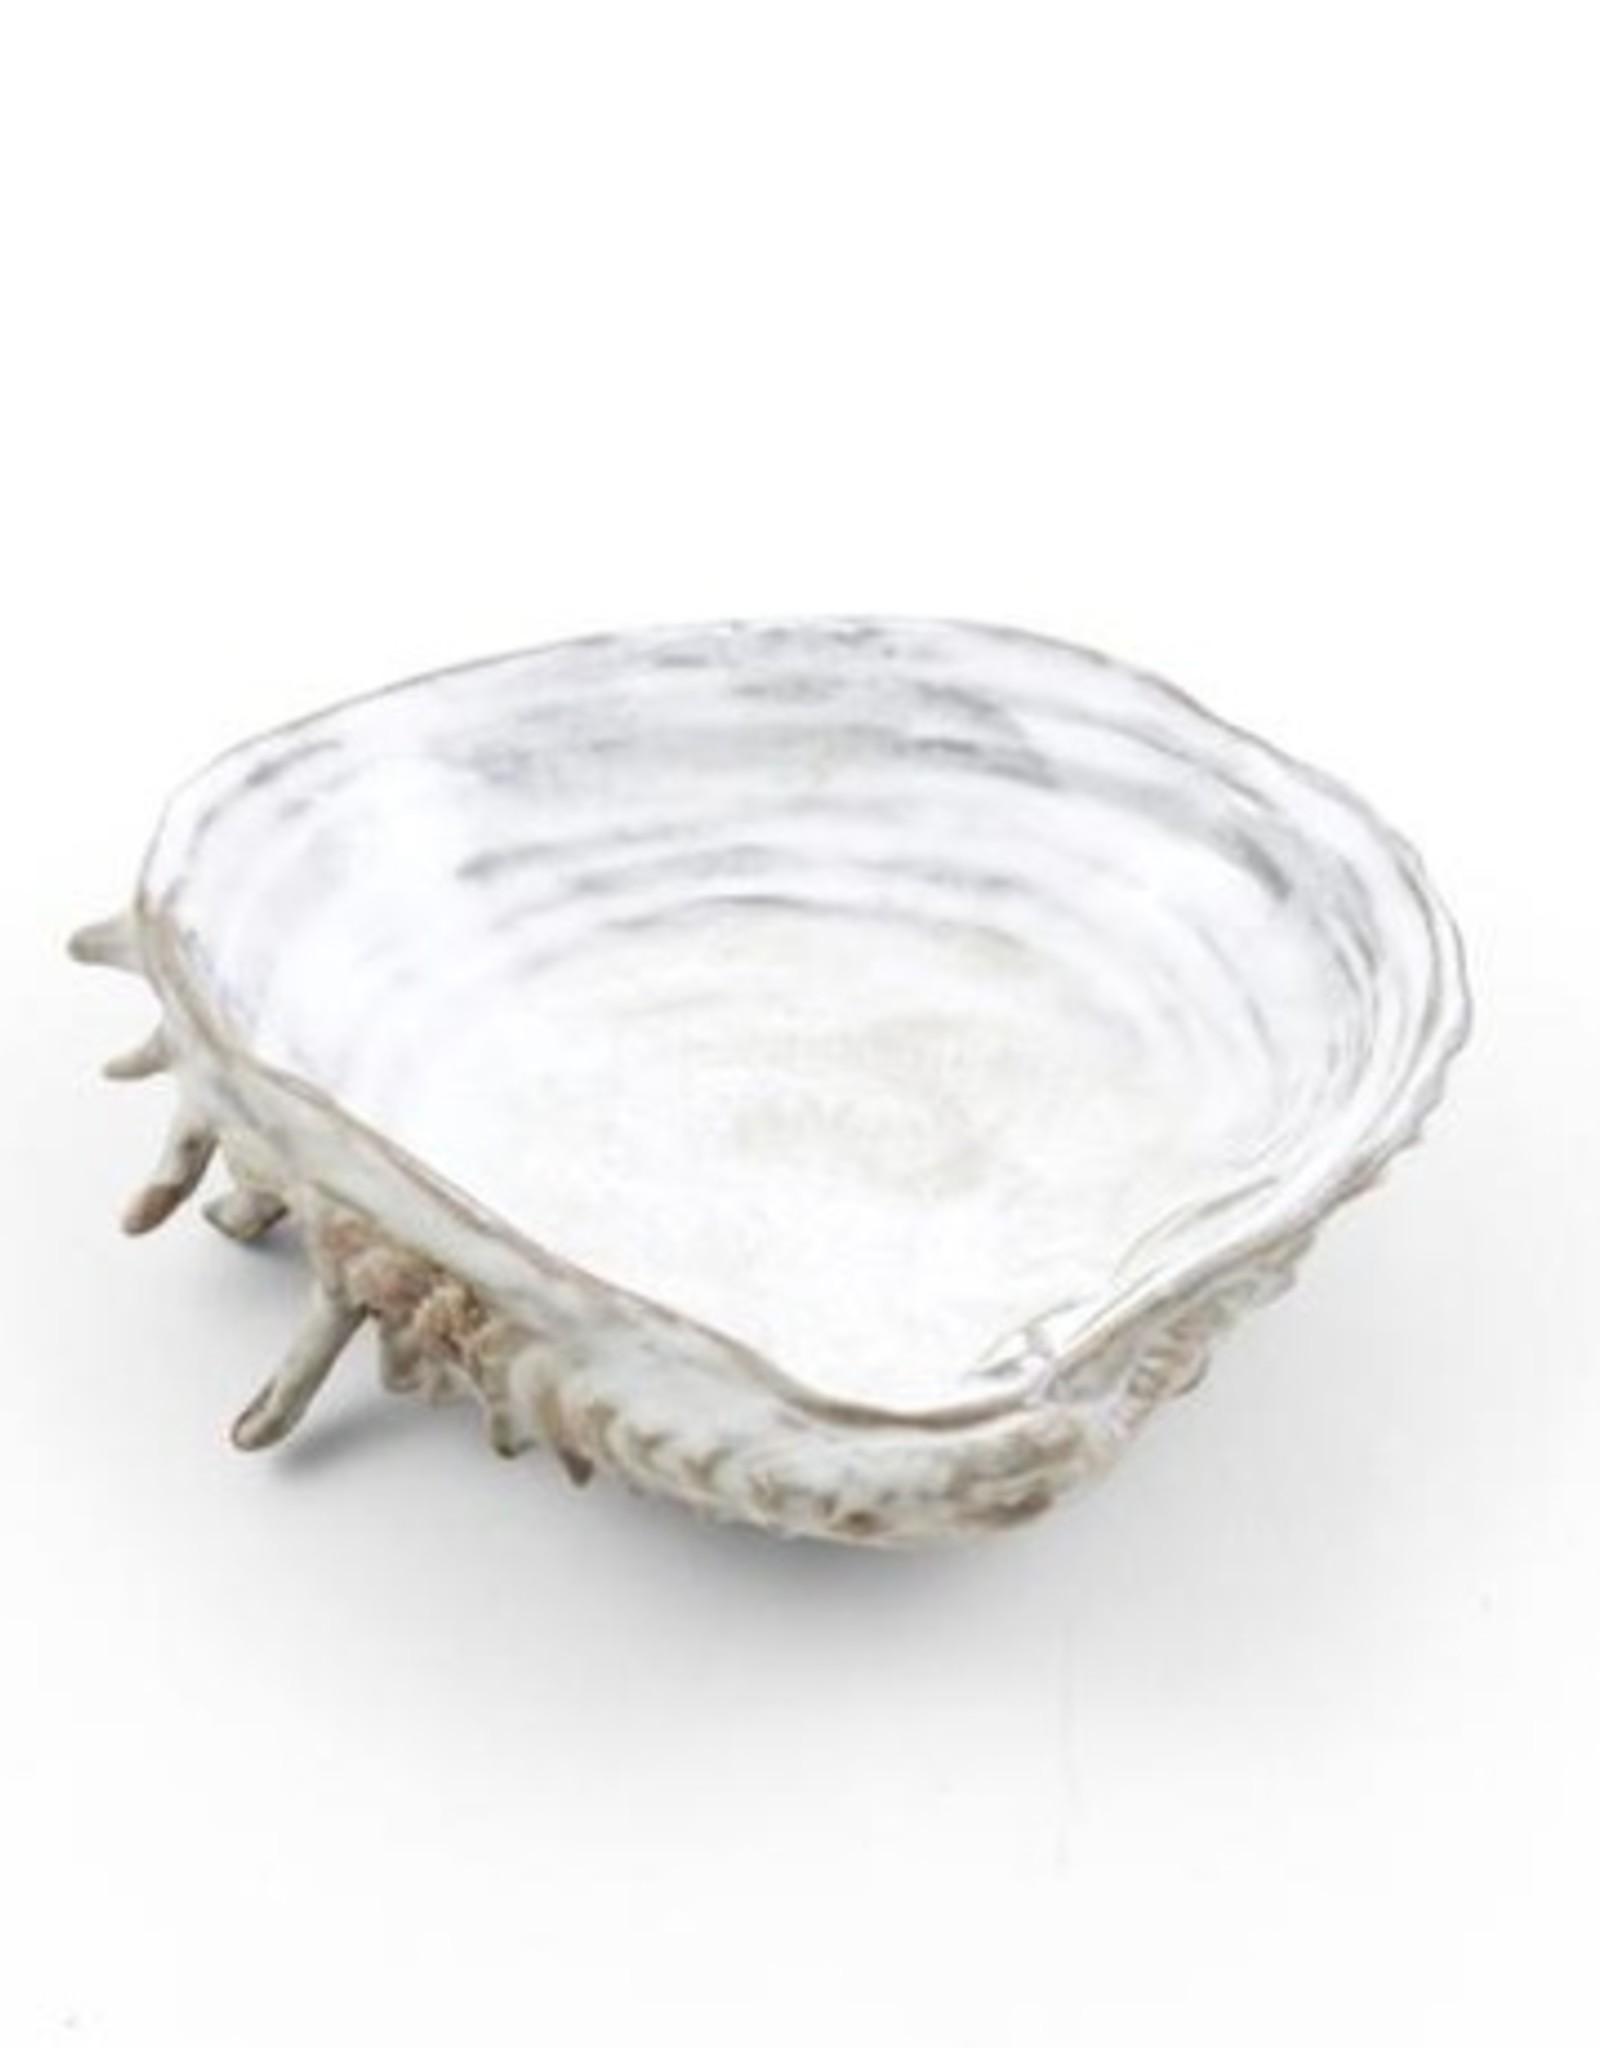 Yarnnakarn Channeled Clam Shell Dish